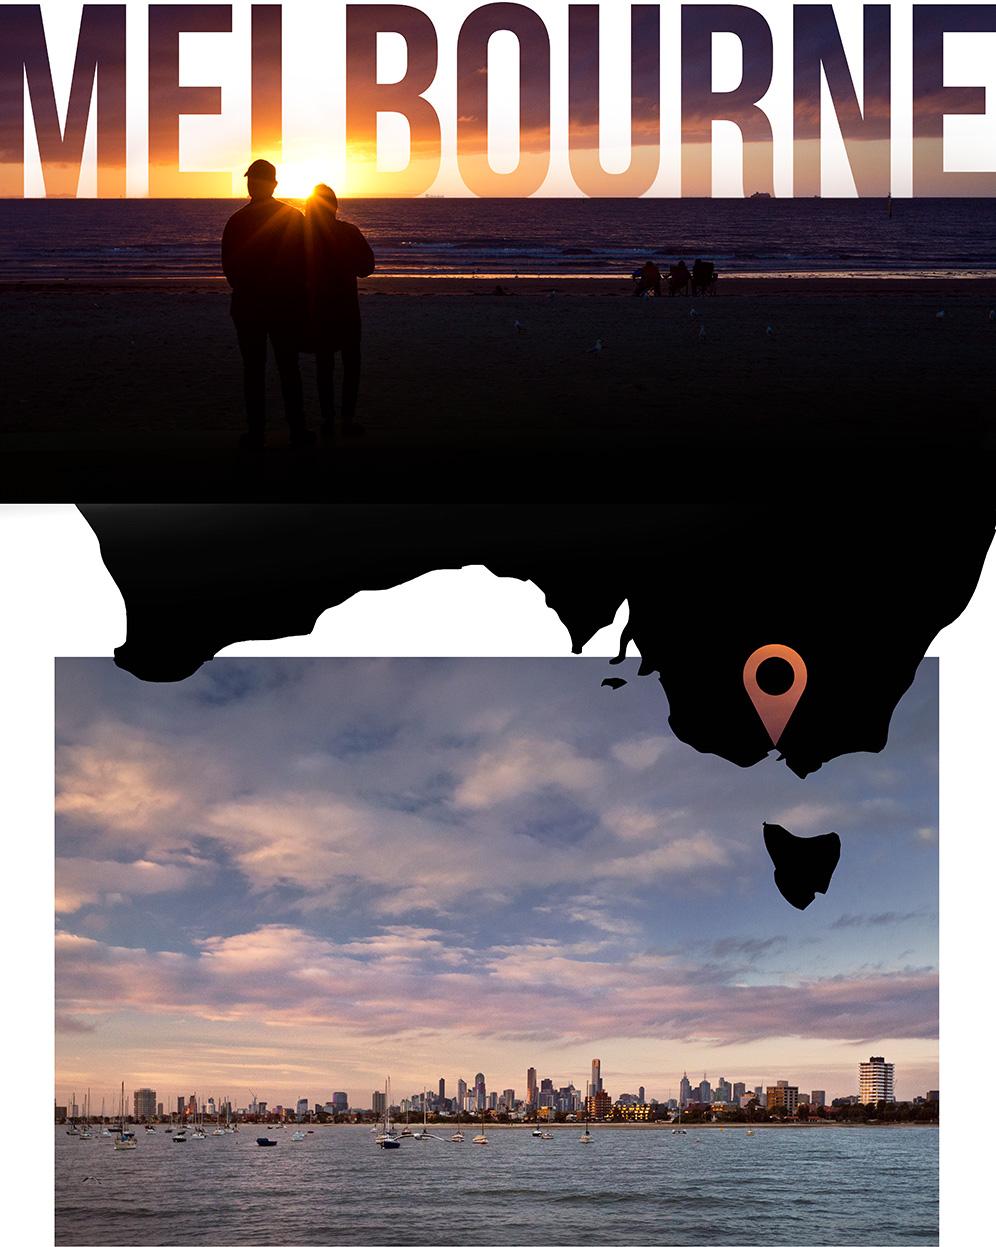 australien millionnaire sites de rencontre